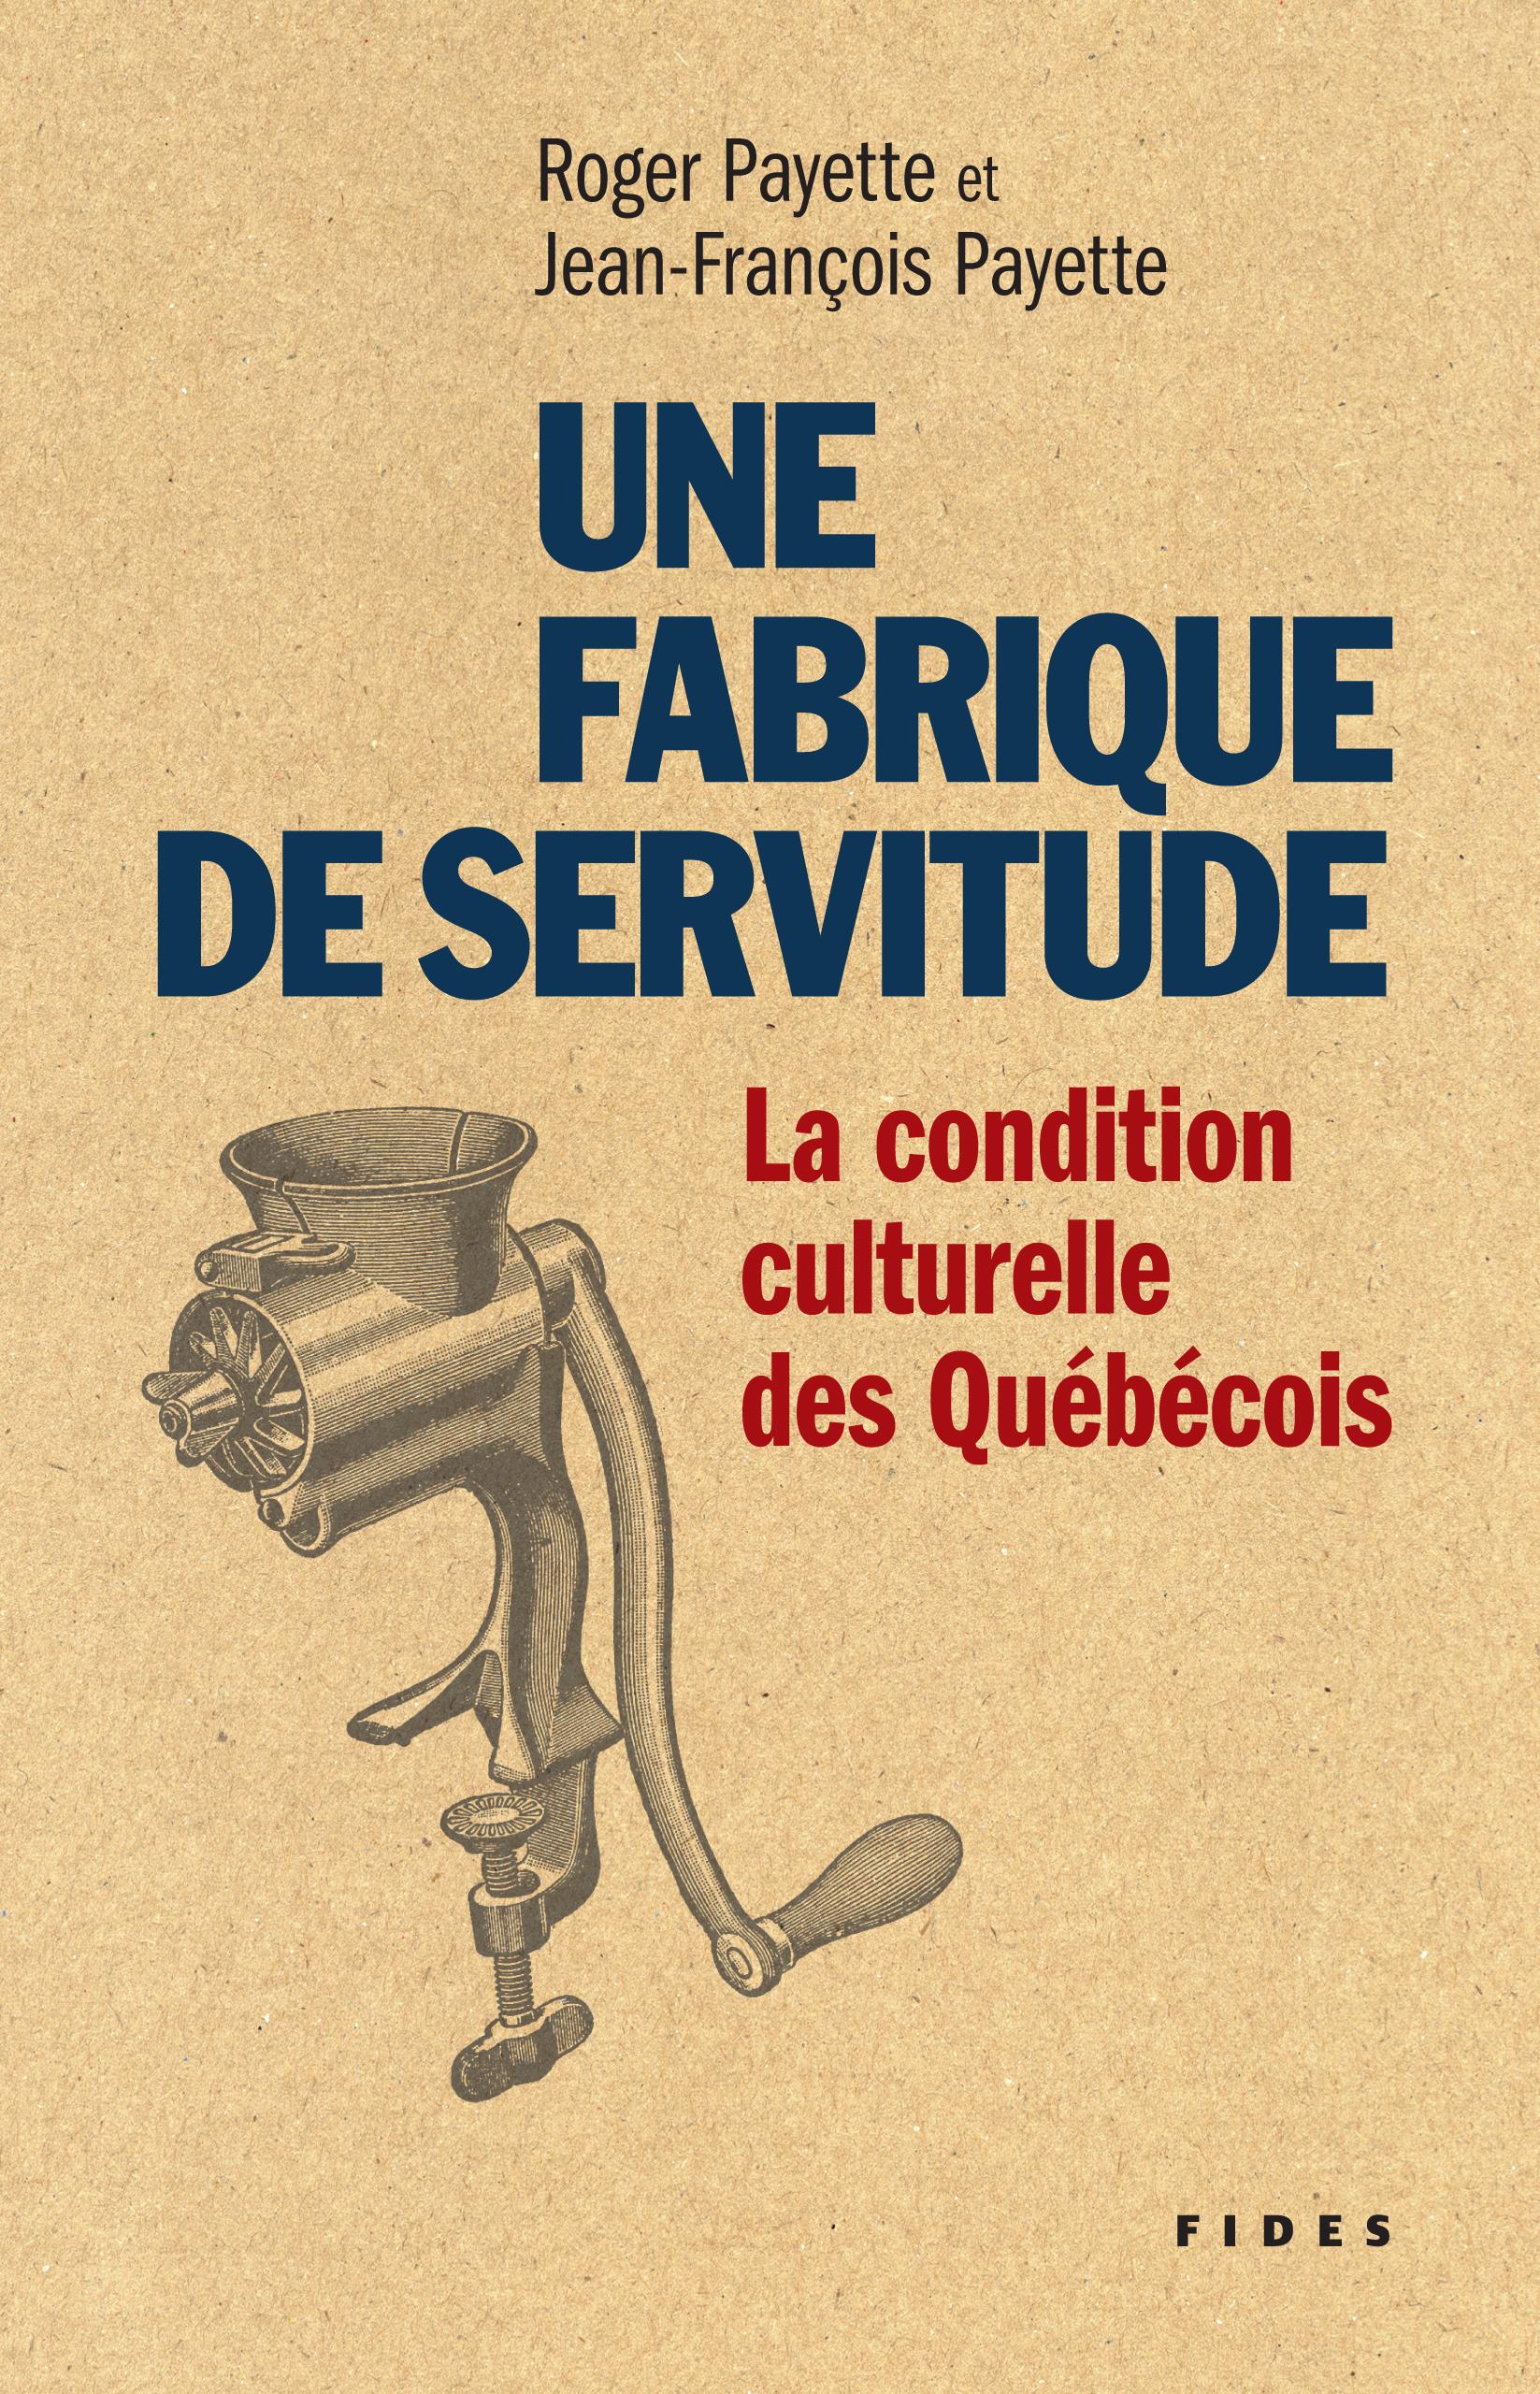 Une fabrique de servitude, La condition culturelle des Québécois